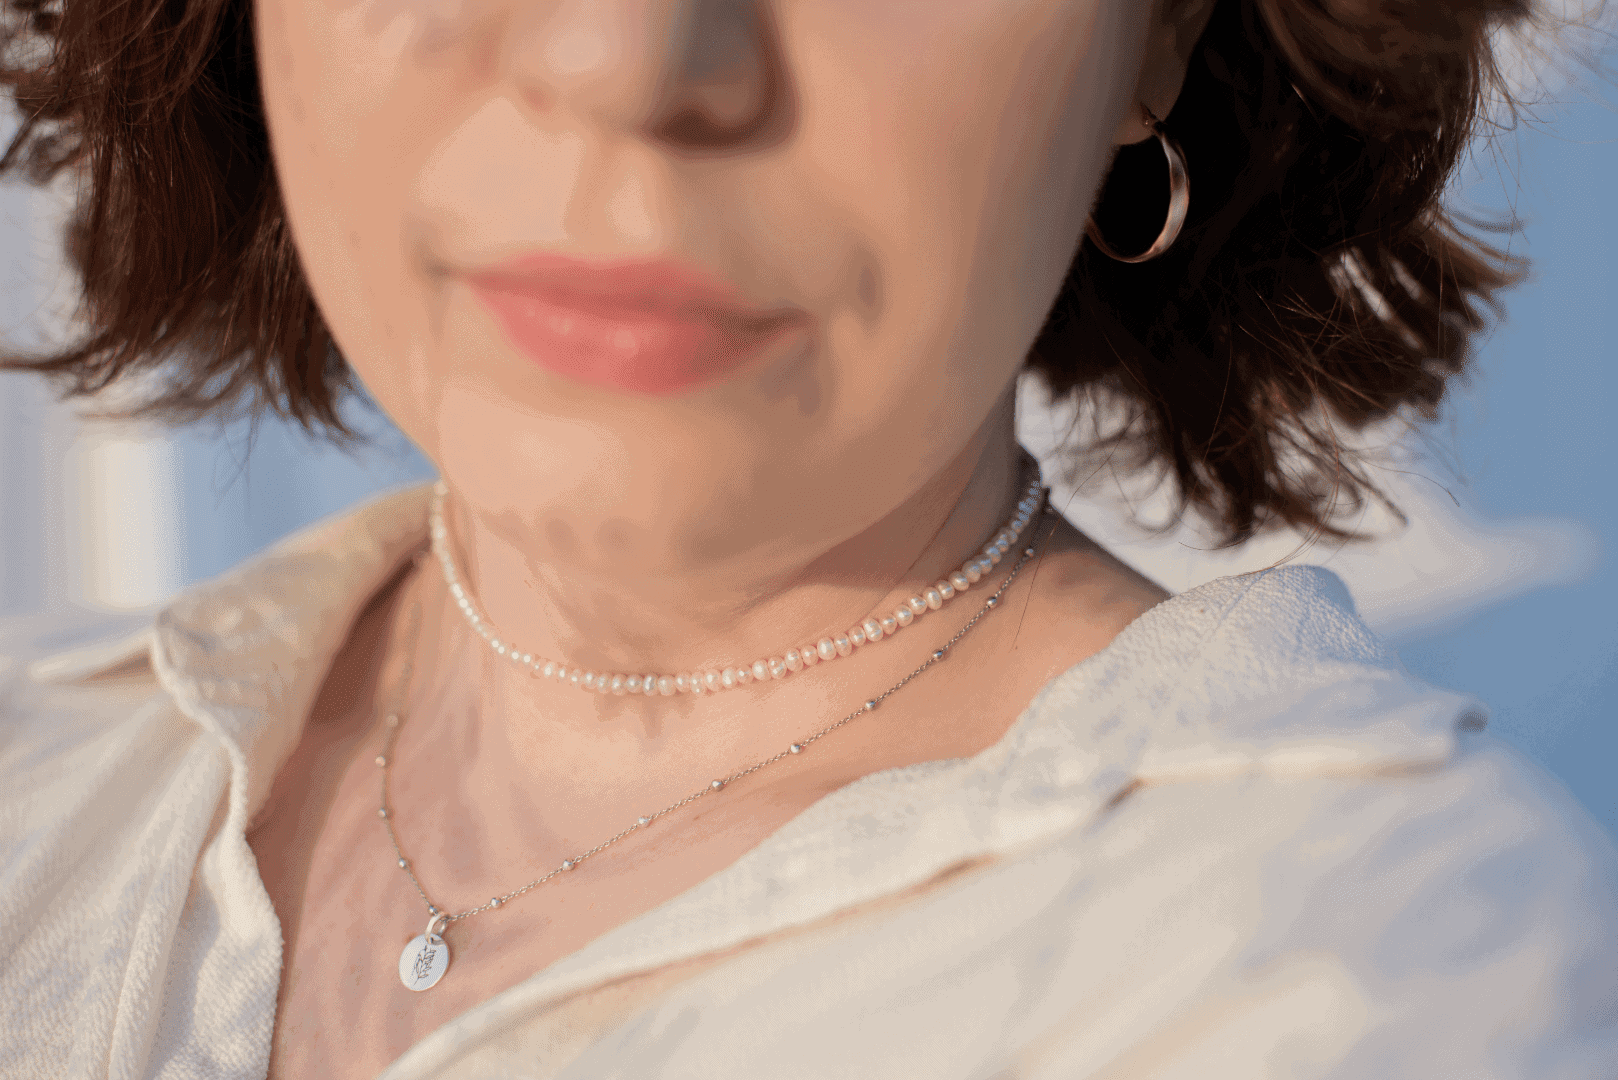 Modelka prezentuje na sobie zestaw biżuterii z pereł, srebra i złota